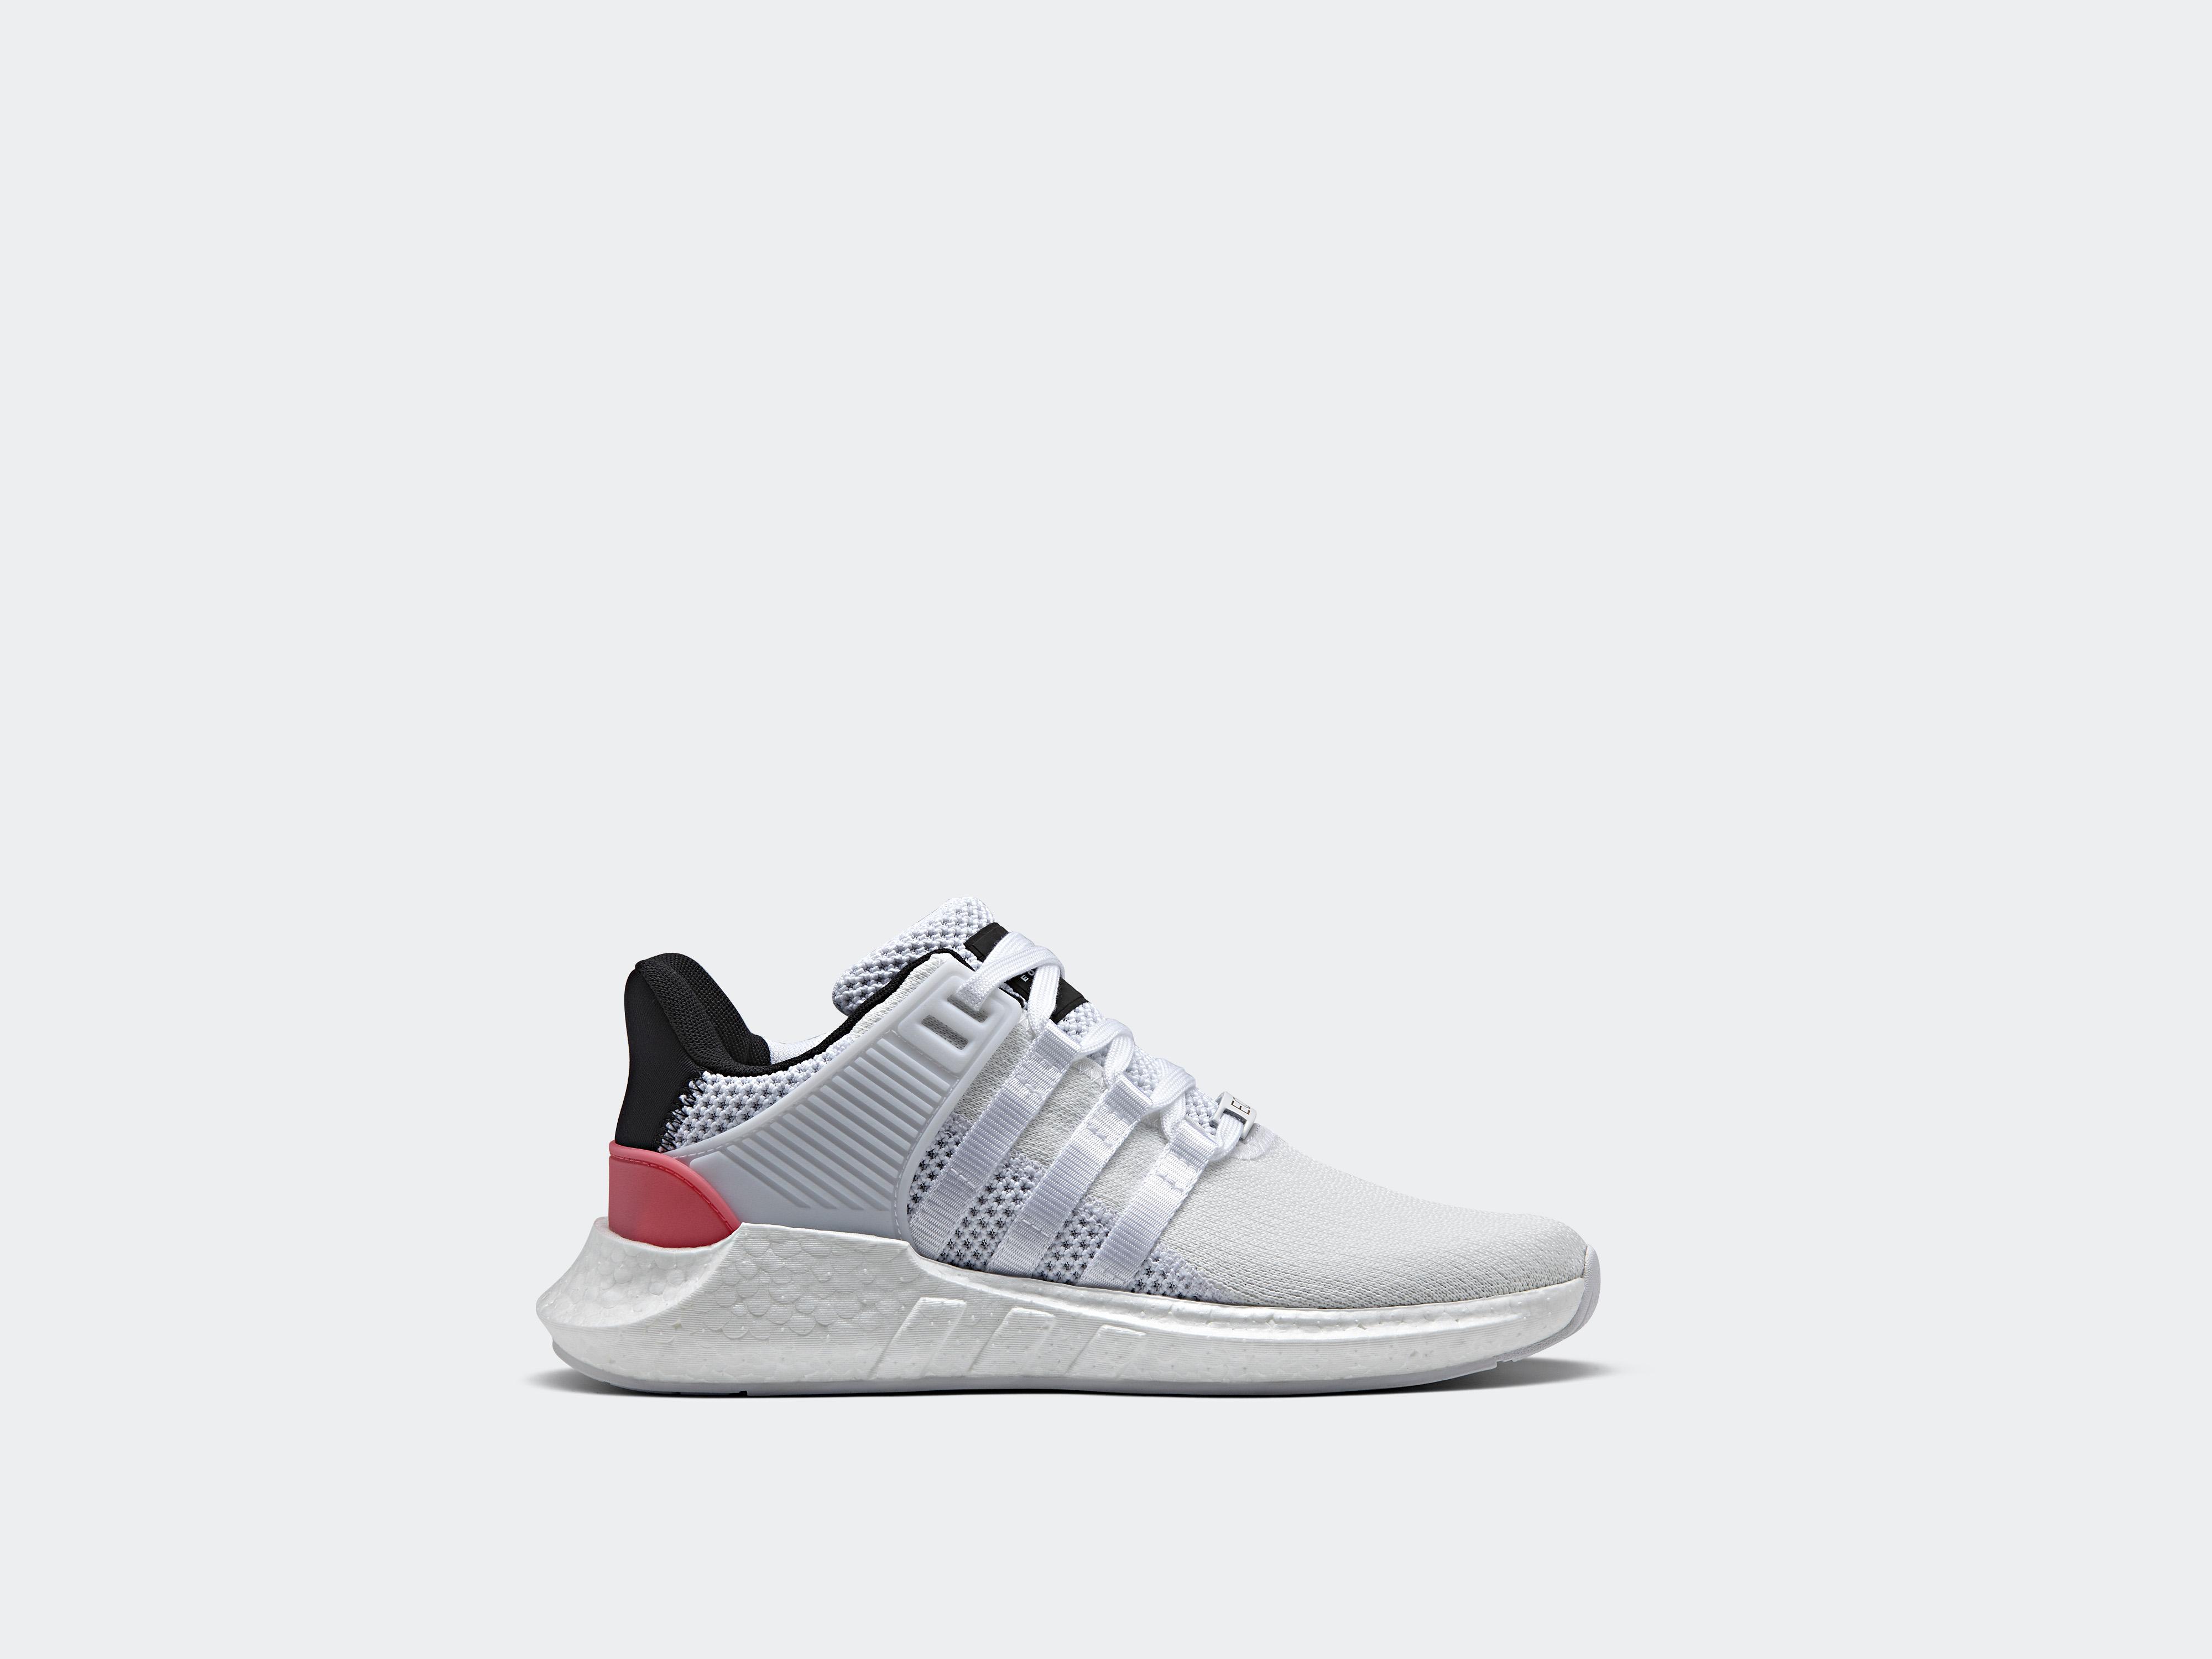 adidas Originals EQT Support 93 17 White Turbo Red 2